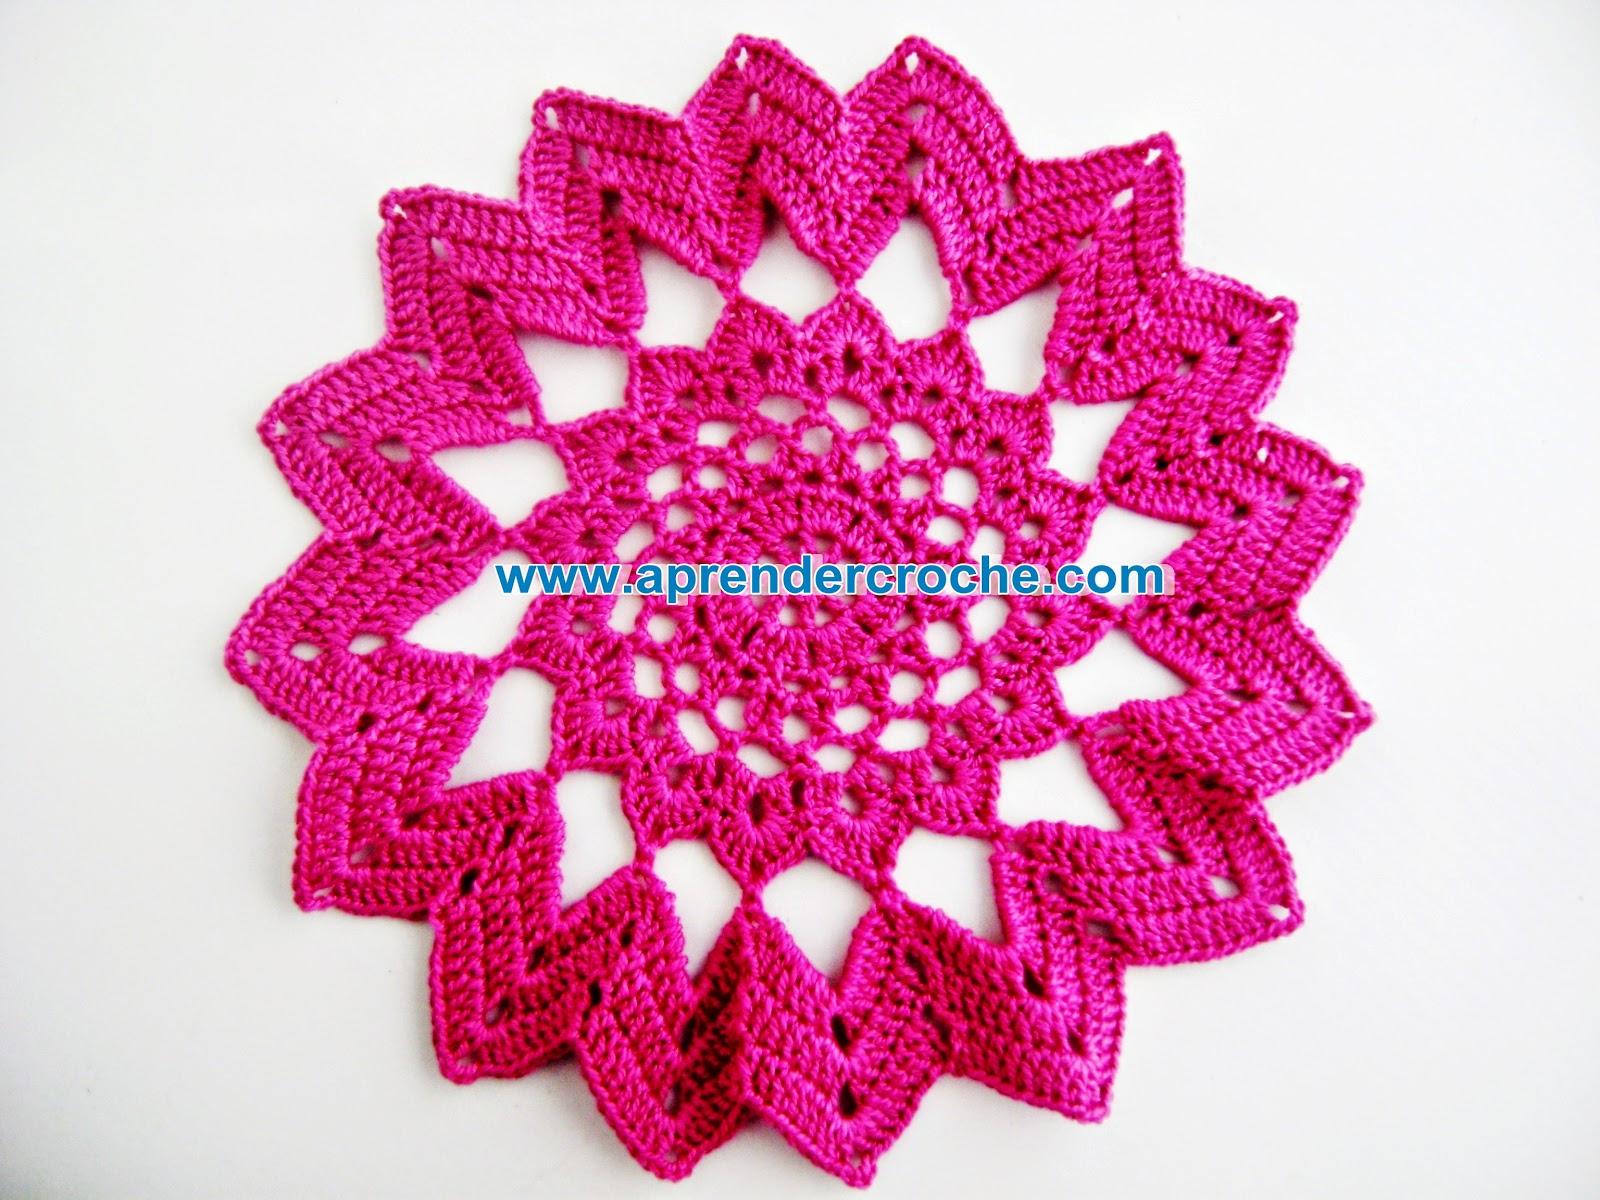 toalhas toalhinhas reverente pink aprender croche dvd video-aulas loja curso de croche frete gratis